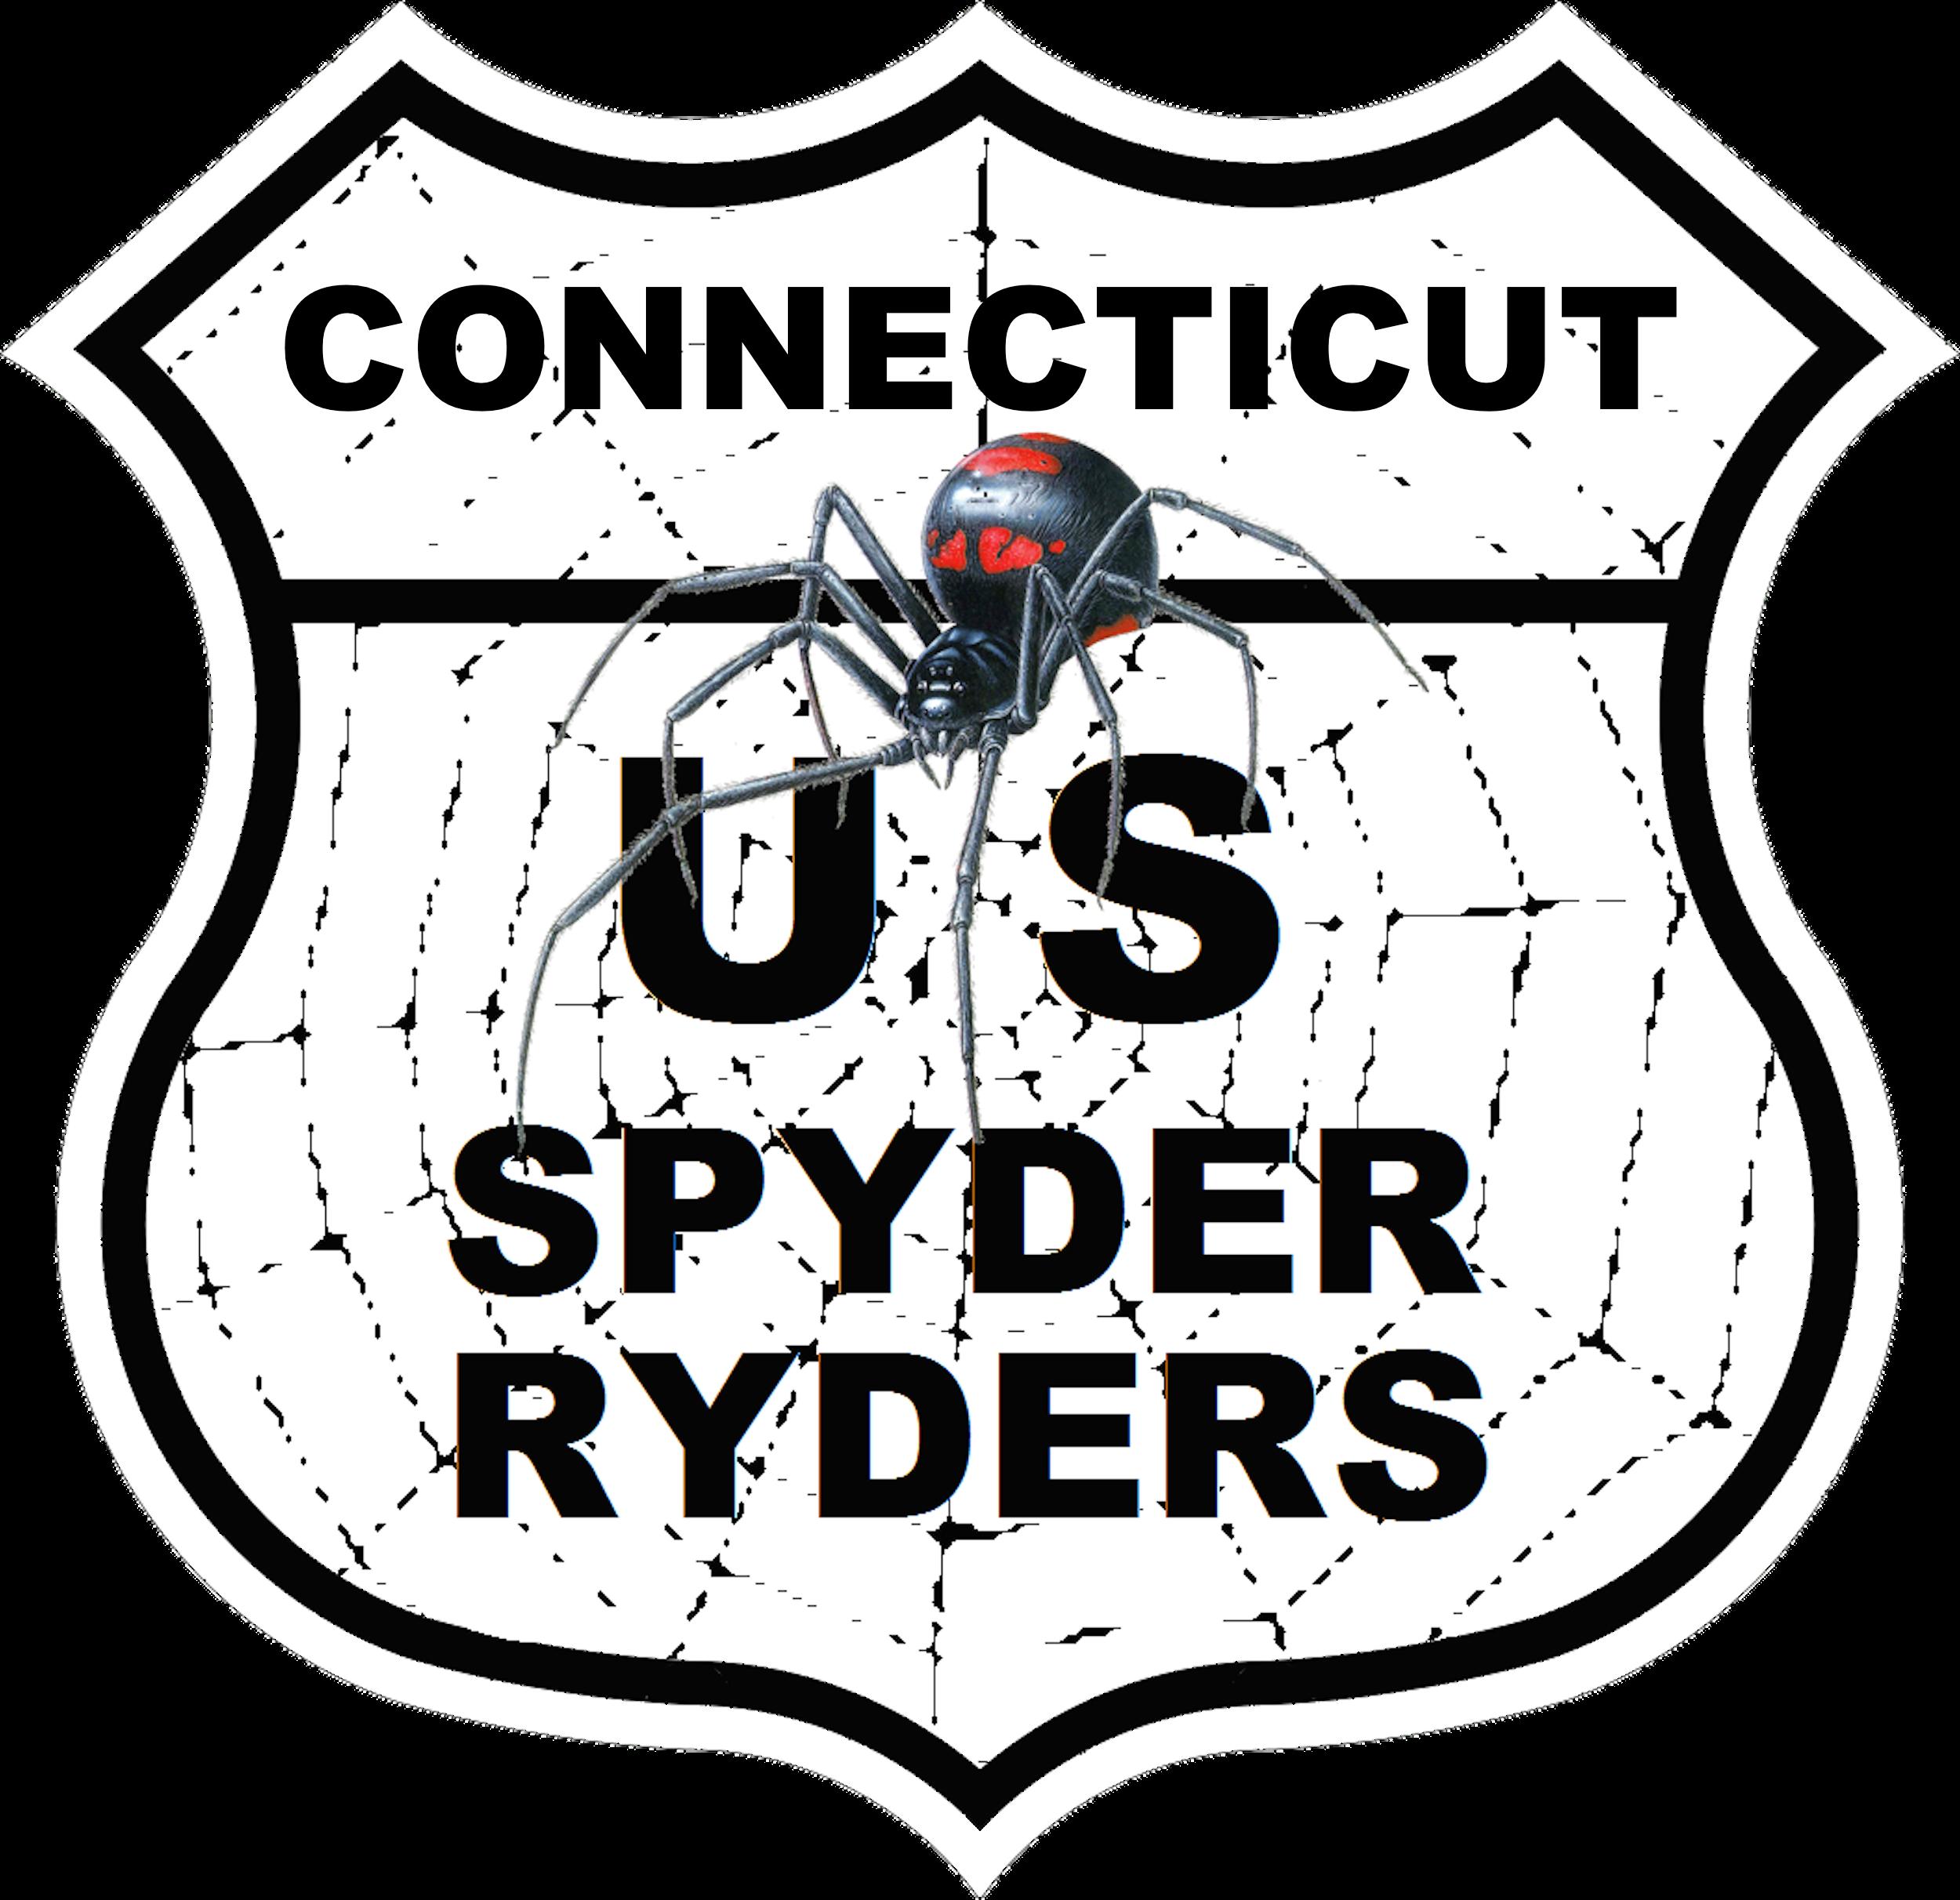 CT-Connecticut.png